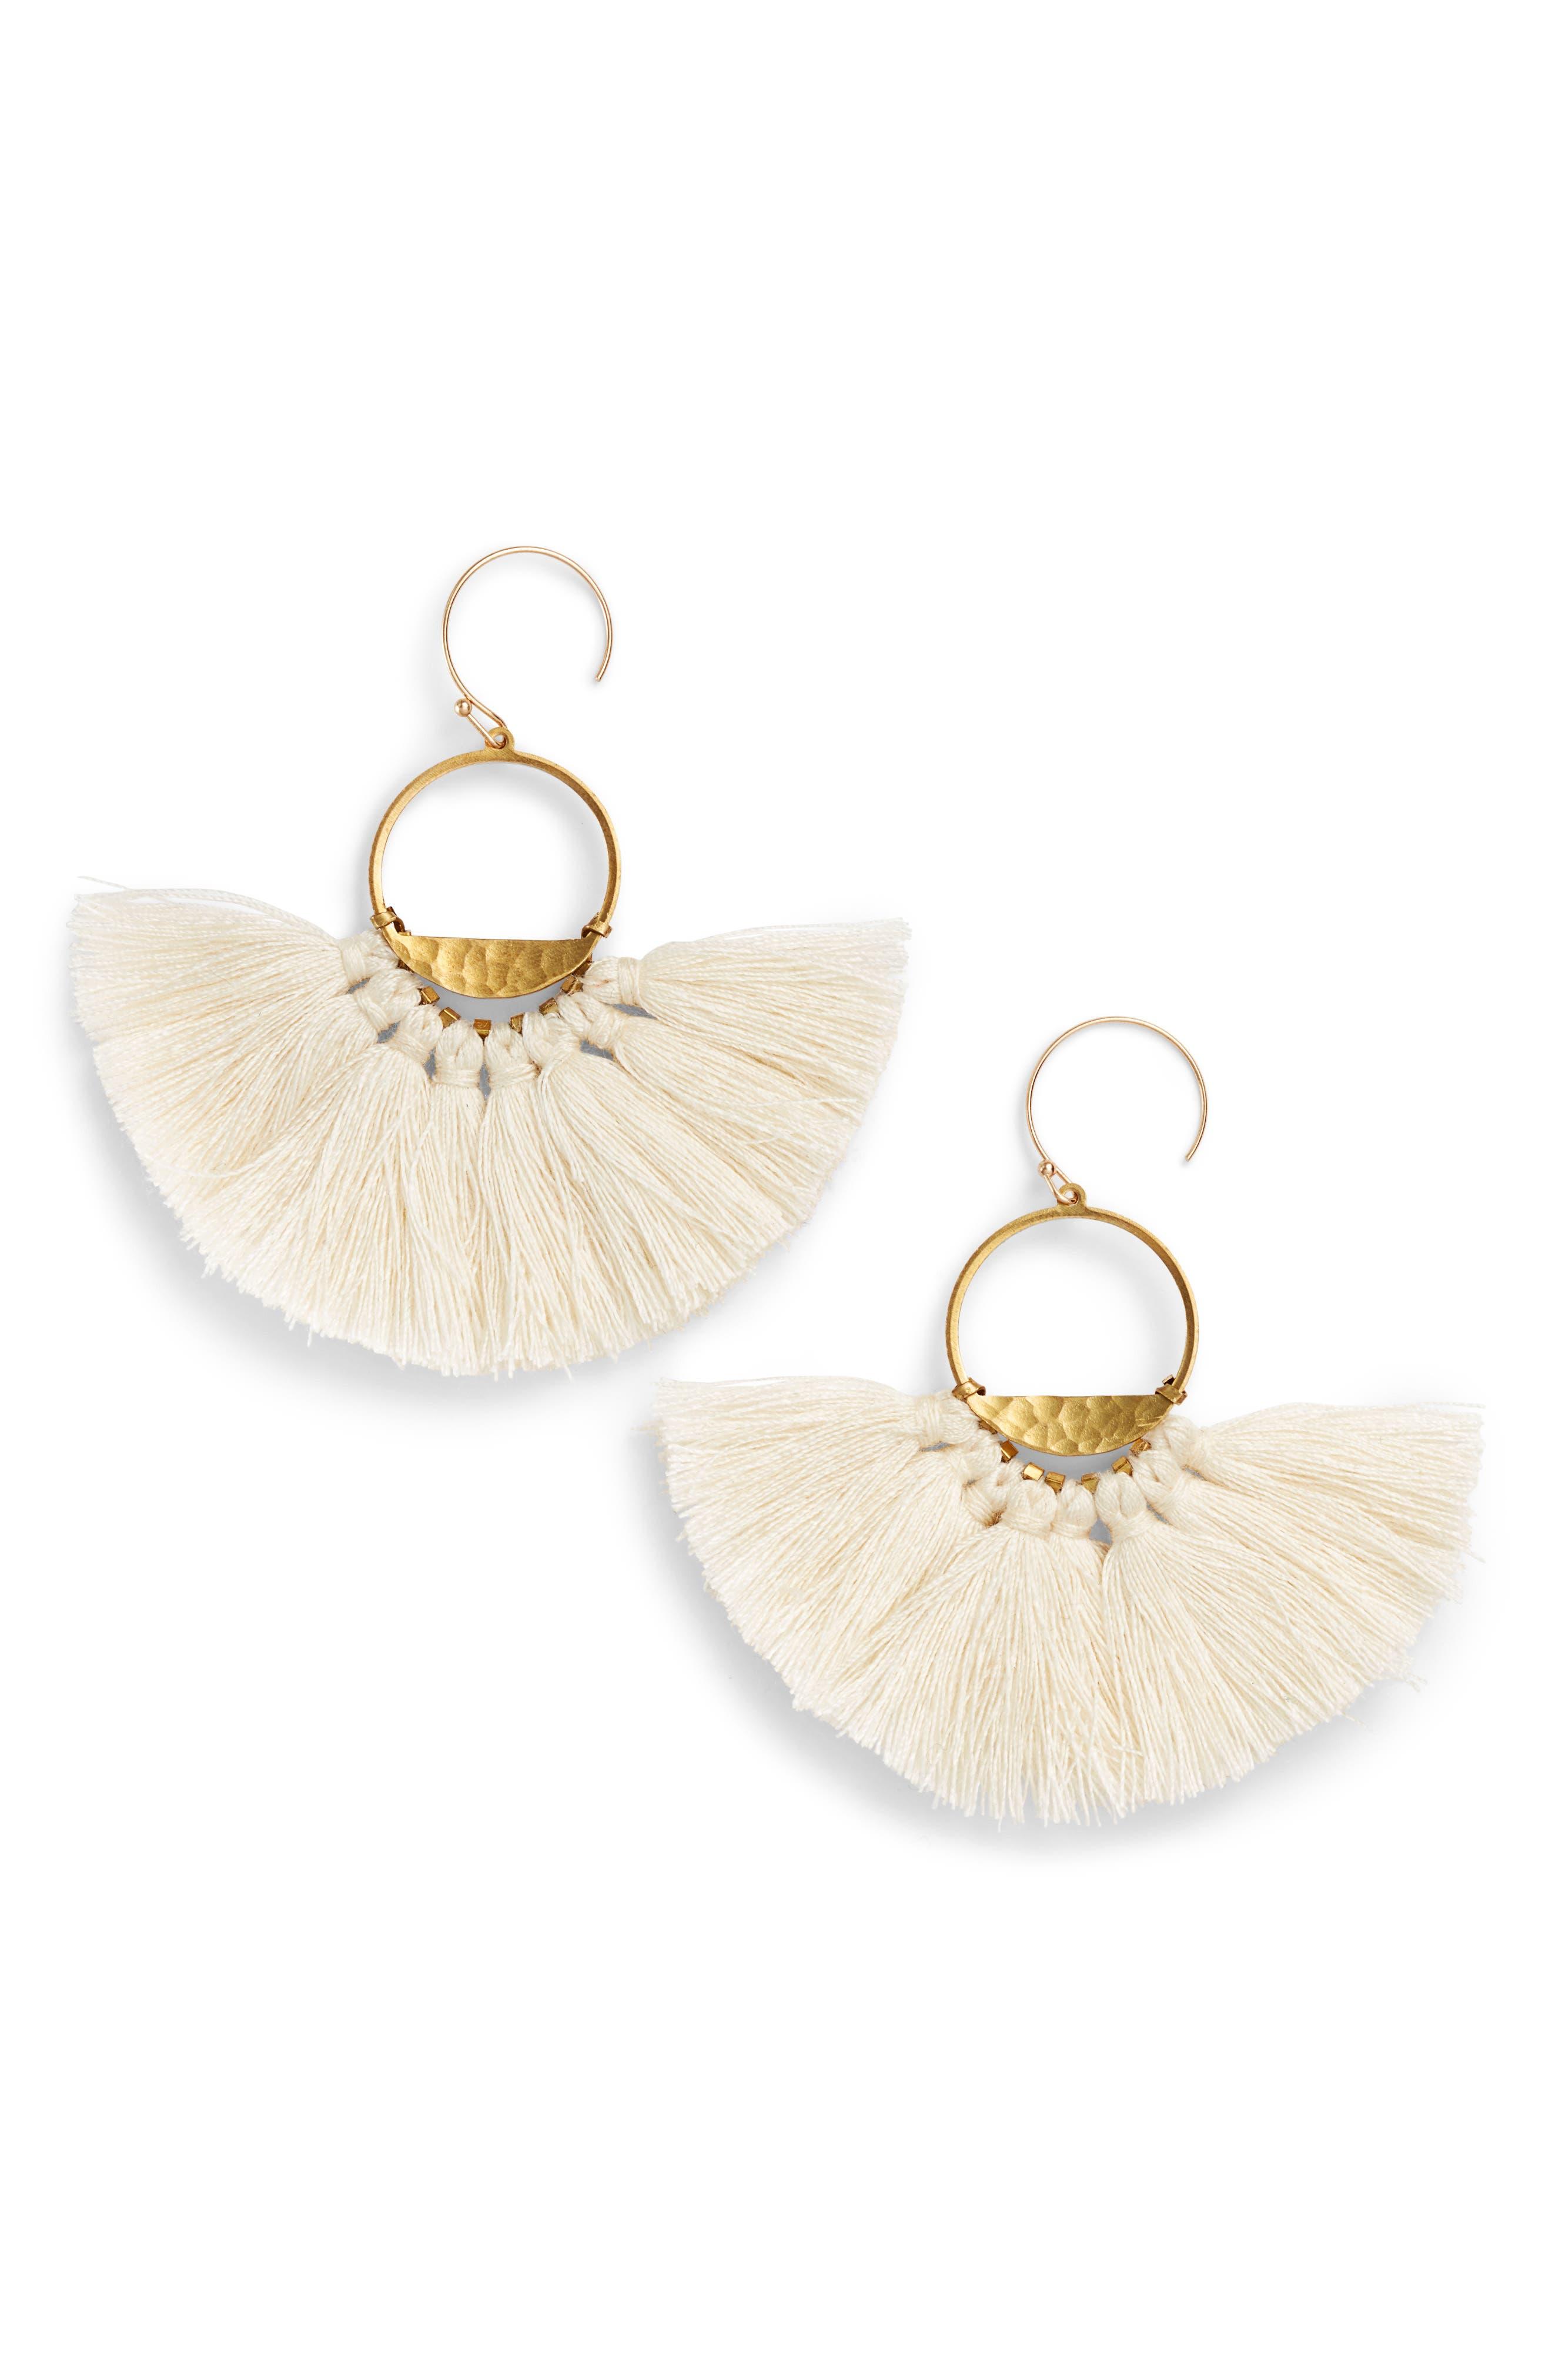 Main Image - Serefina Flutter Tassel Earrings